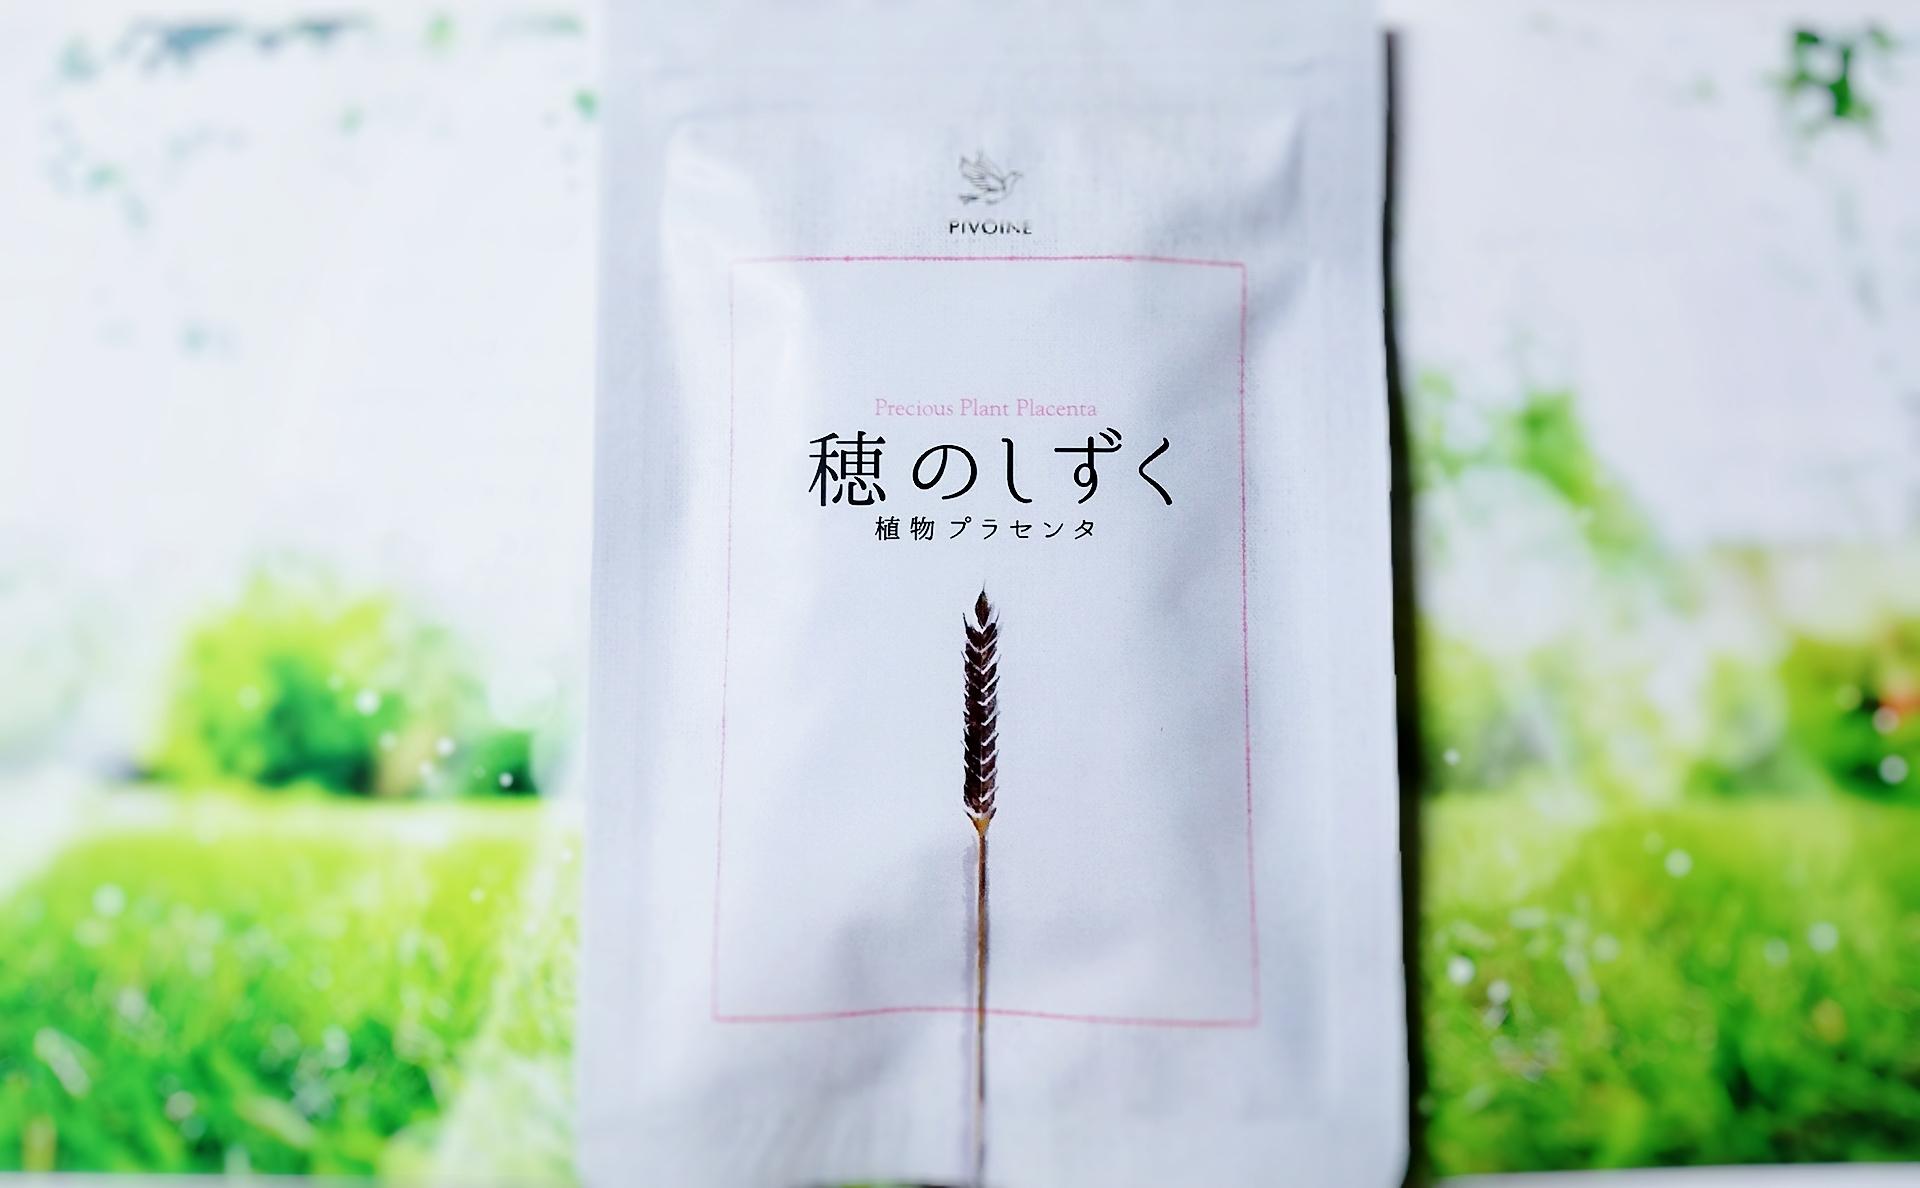 女性のゆらぎを優しく力強くサポート!!100%植物プラセンタサプリメント【穂のしずく】